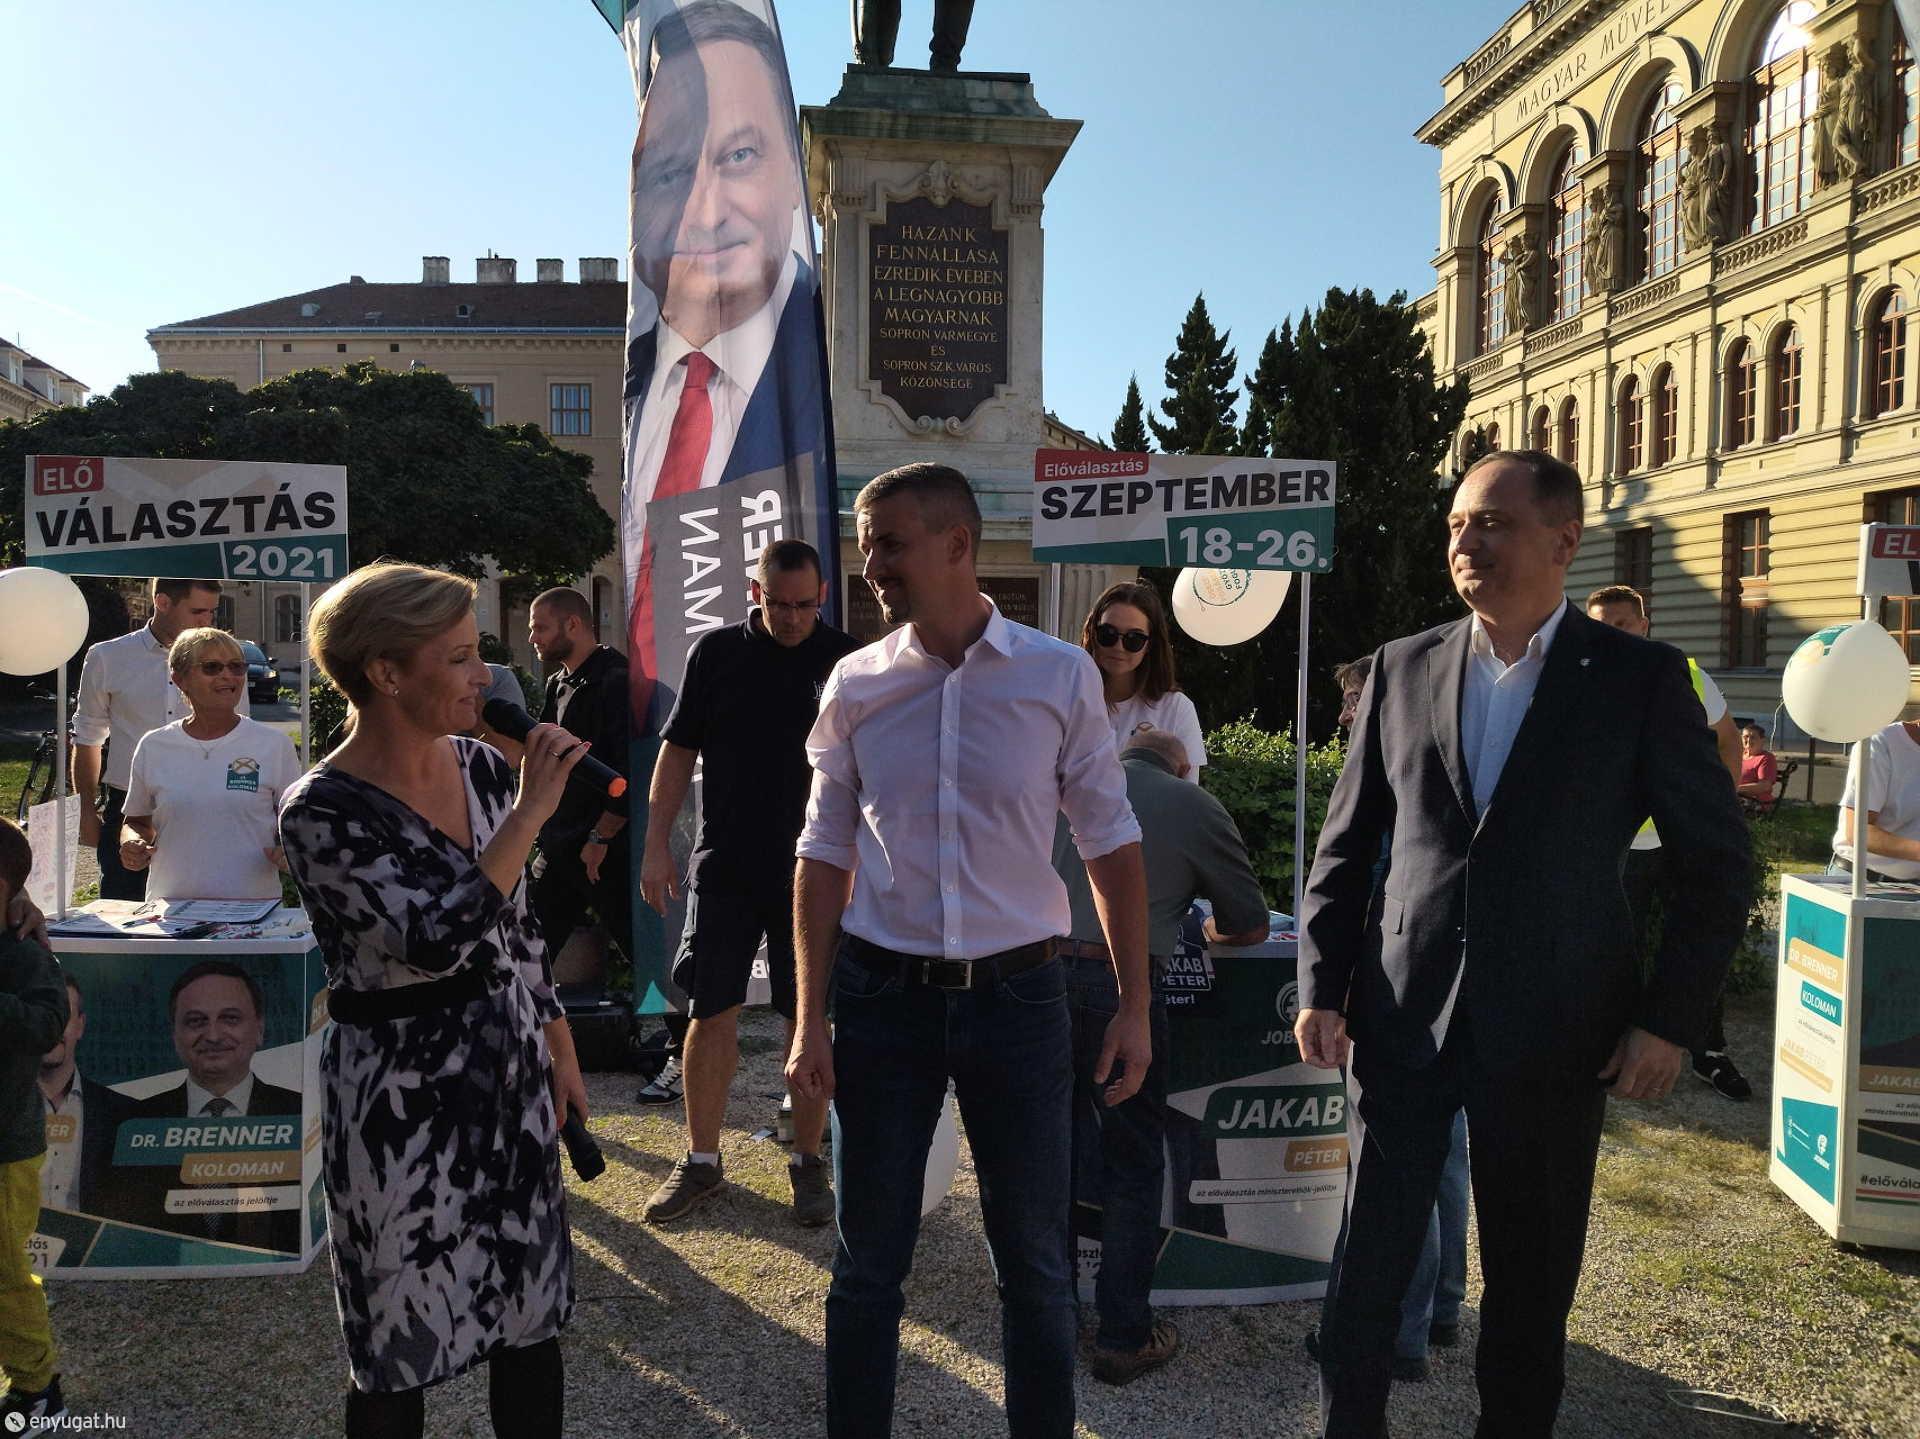 Jakab a kritikáival  hitet akar adni a magyar választóknak.